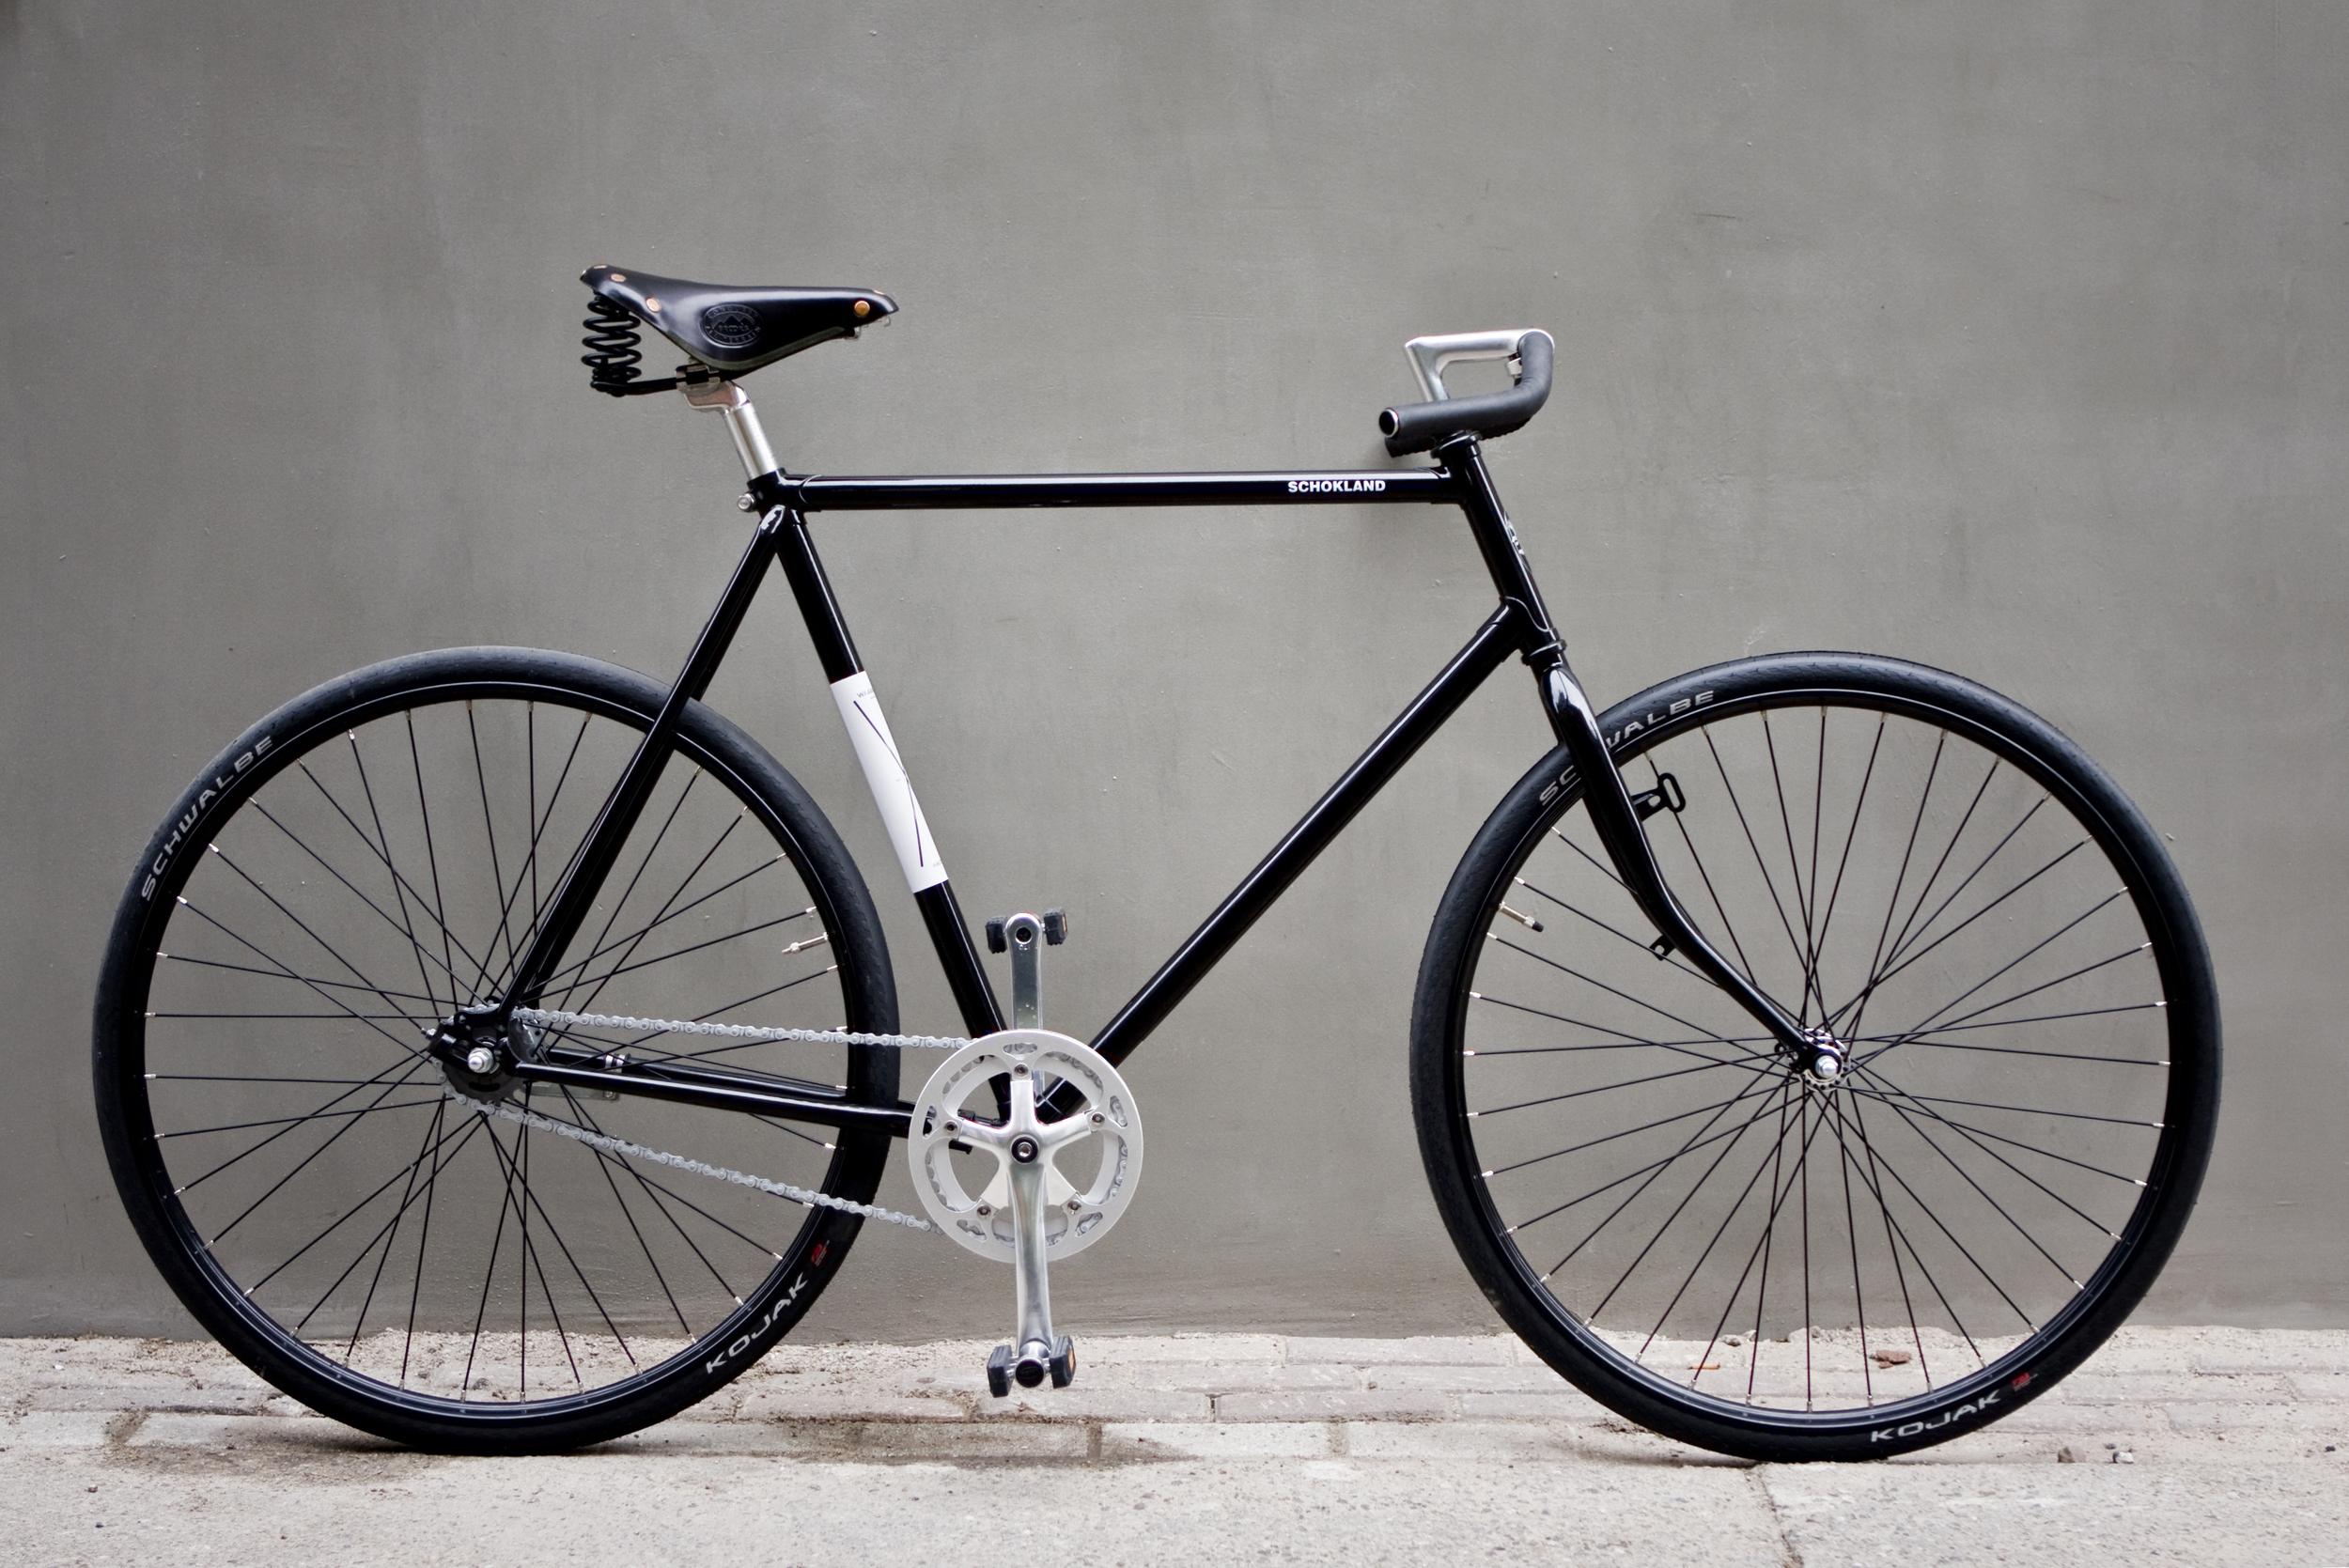 Azor Bikes - a gentleman's city racer